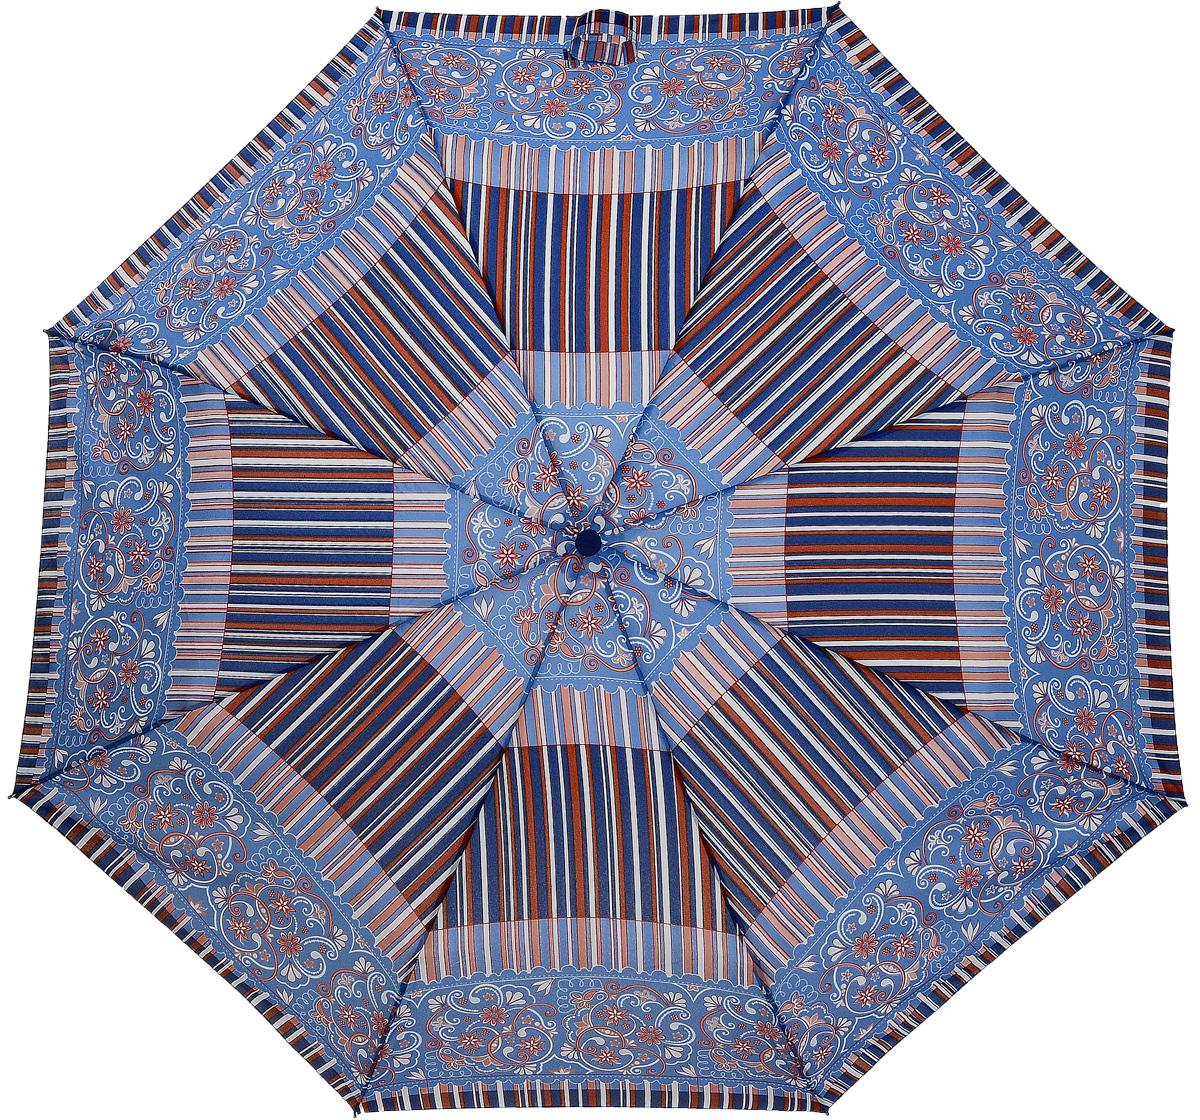 Зонт женский Airton, механический, 3 сложения, цвет: голубой, фиолетовый. 3515-1262591АКлассический женский зонт Airton в 3 сложения имеет механическую систему открытия и закрытия.Каркас зонта выполнен из восьми спиц на прочном стержне. Купол зонта изготовлен из прочного полиэстера. Практичная рукоятка закругленной формы разработана с учетом требований эргономики и выполнена из качественного пластика с противоскользящей обработкой.Такой зонт оснащен системой антиветер, которая позволяет спицам при порывах ветрах выгибаться наизнанку, и при этом не ломаться. К зонту прилагается чехол.